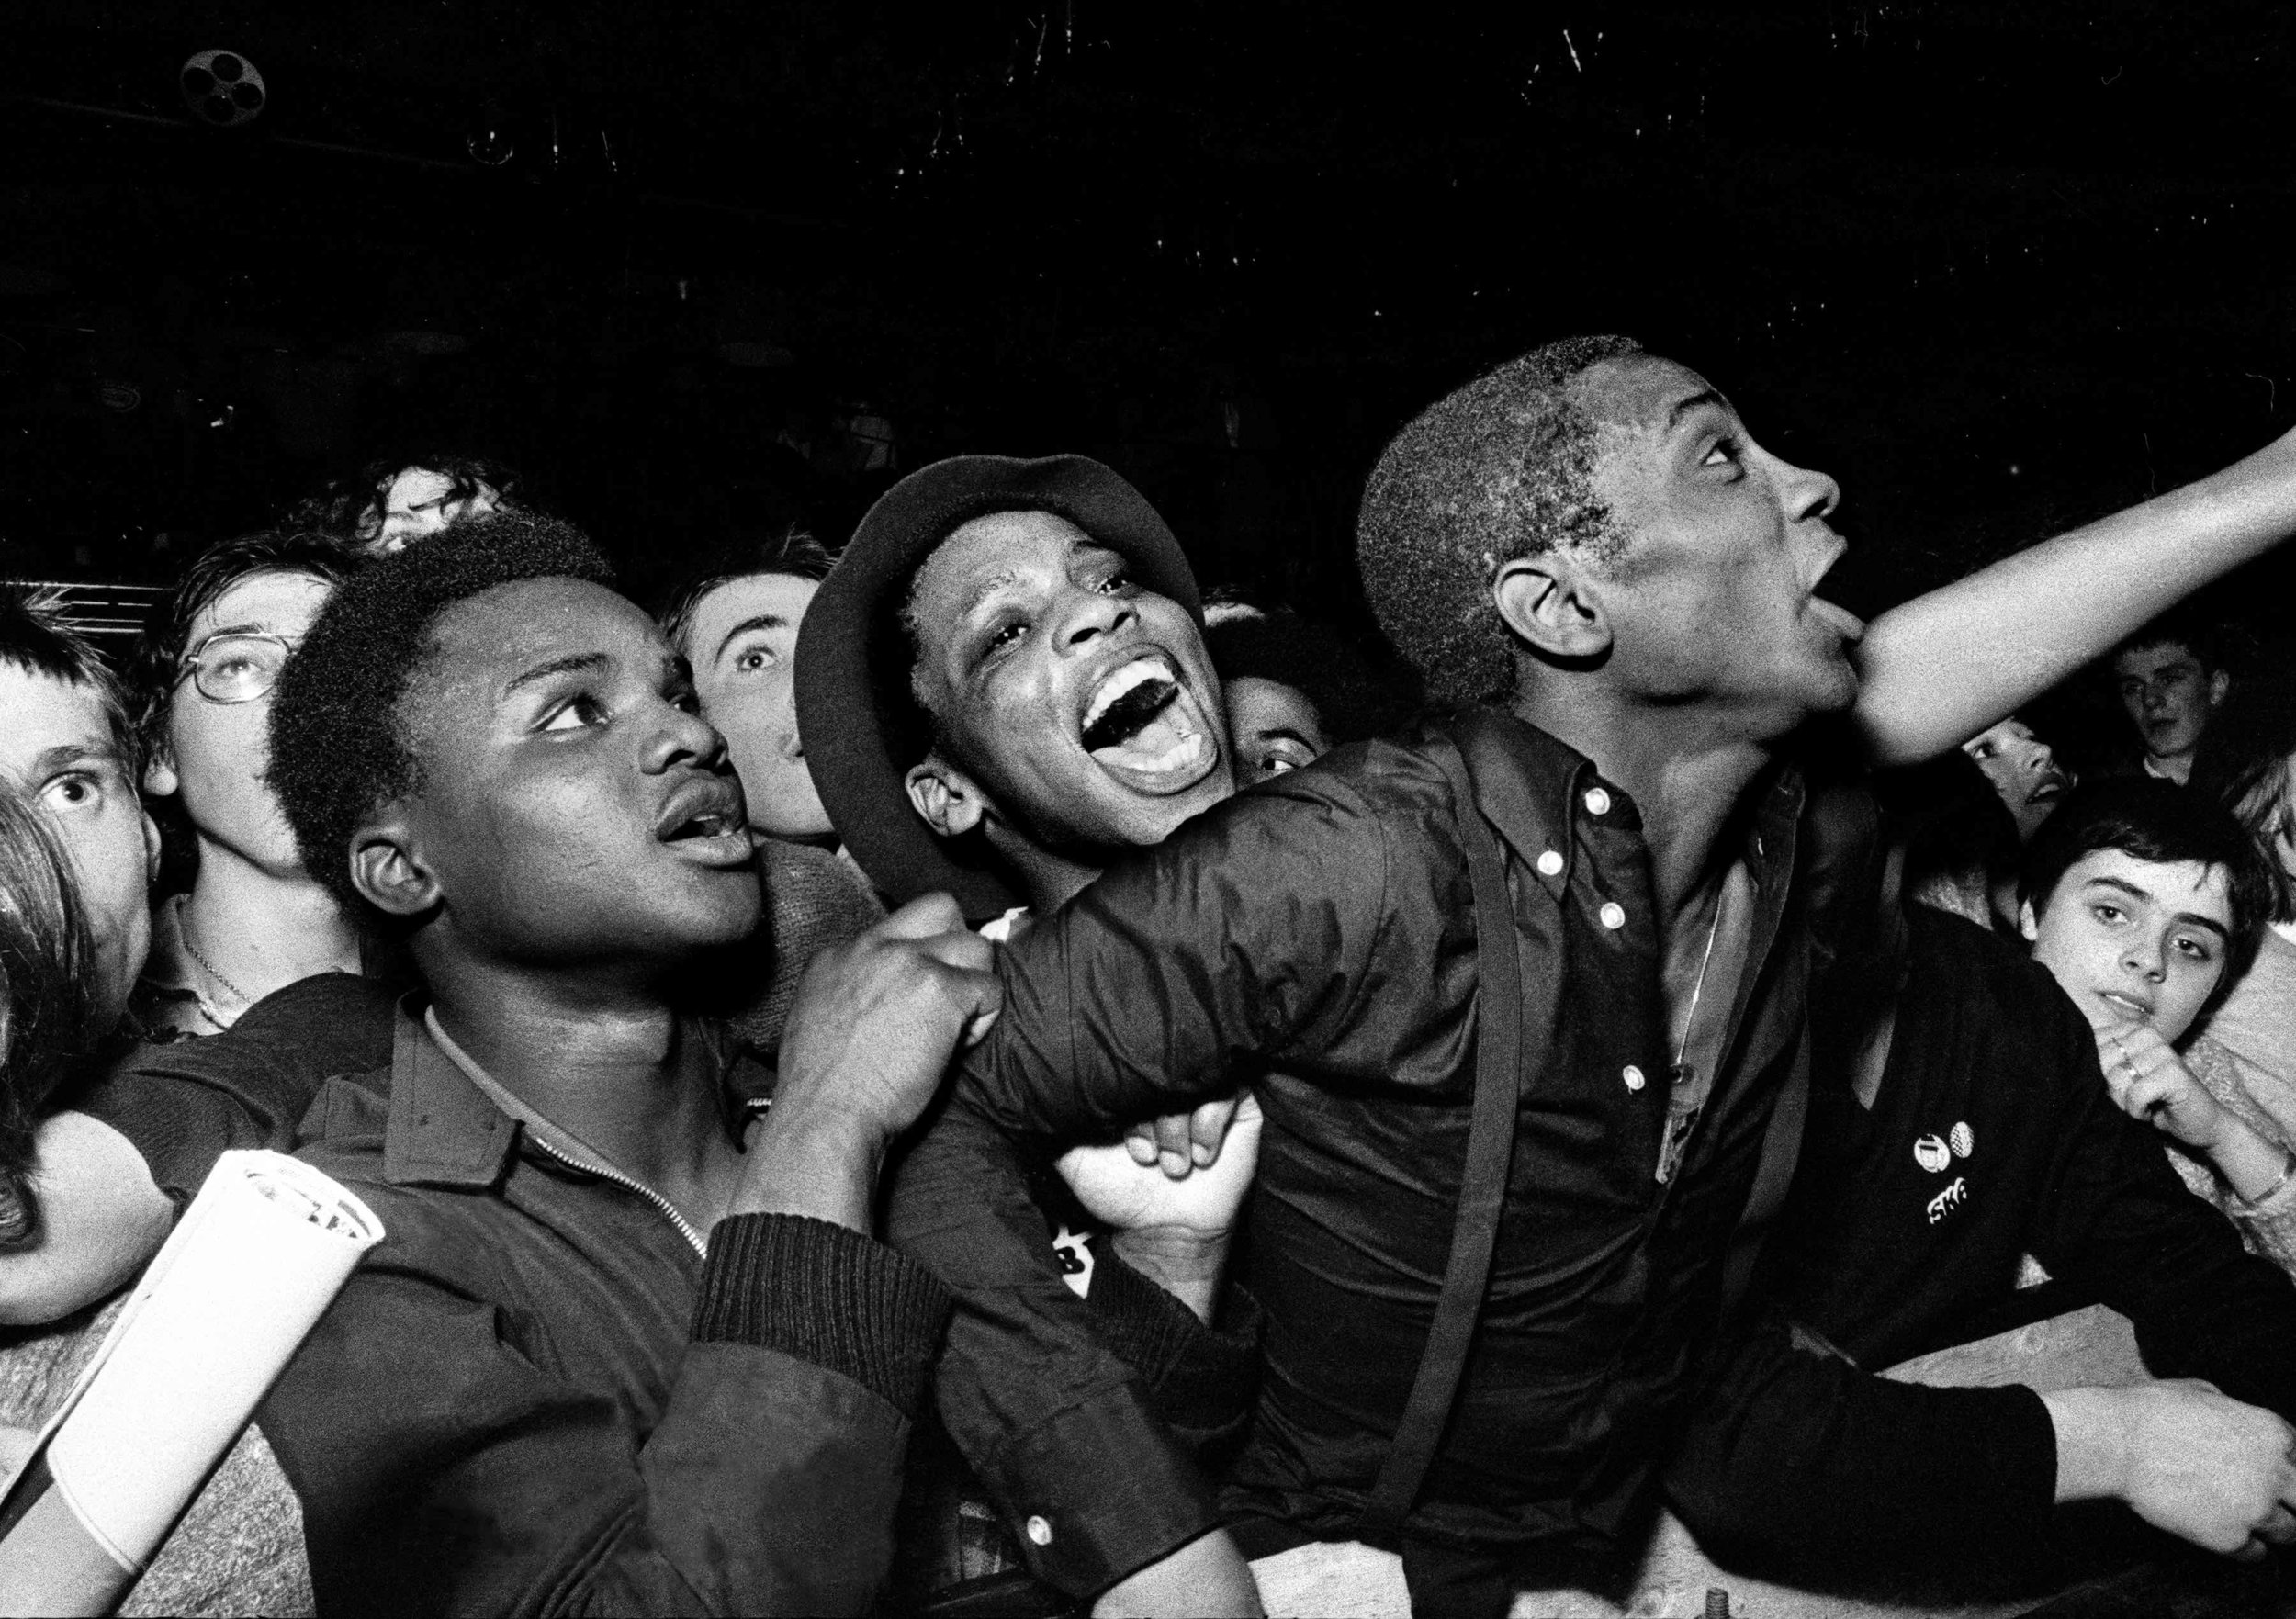 Syd Shelton Specials-fans.-Leeds-1981.jpg